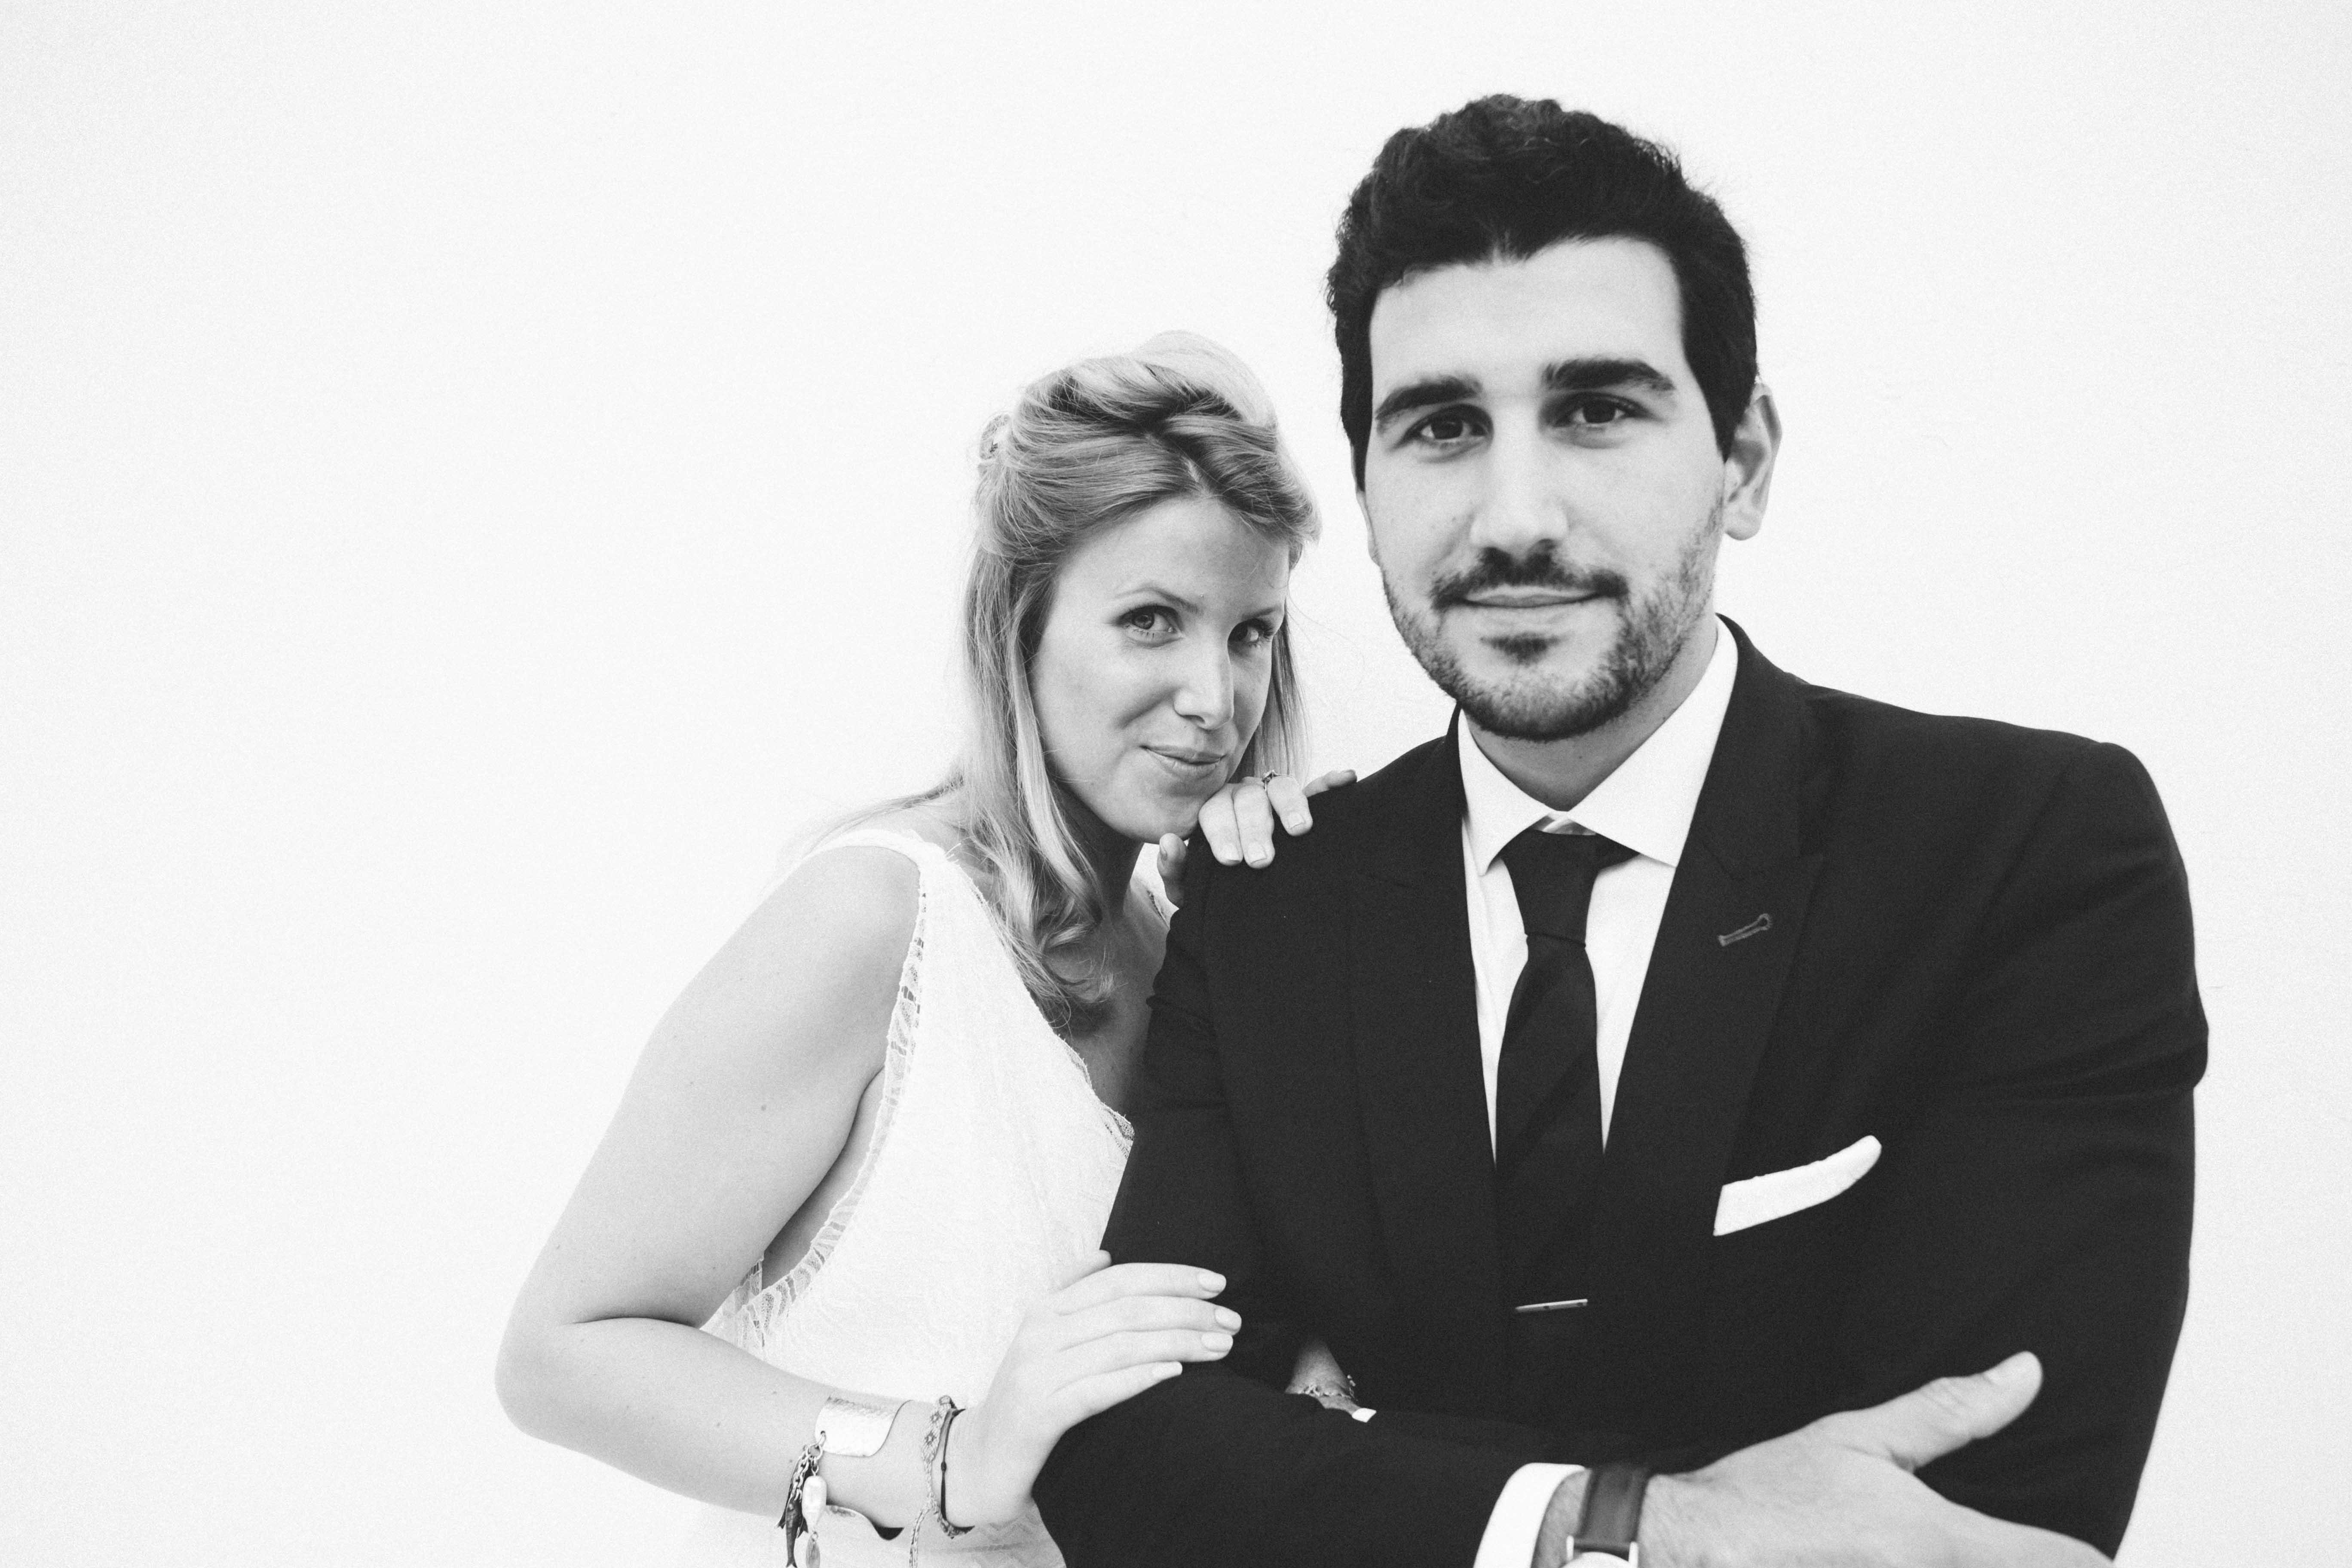 lucie_sassiat-engagement-tunisie-sidi_bou_said-leblogdemadamec.fr-10